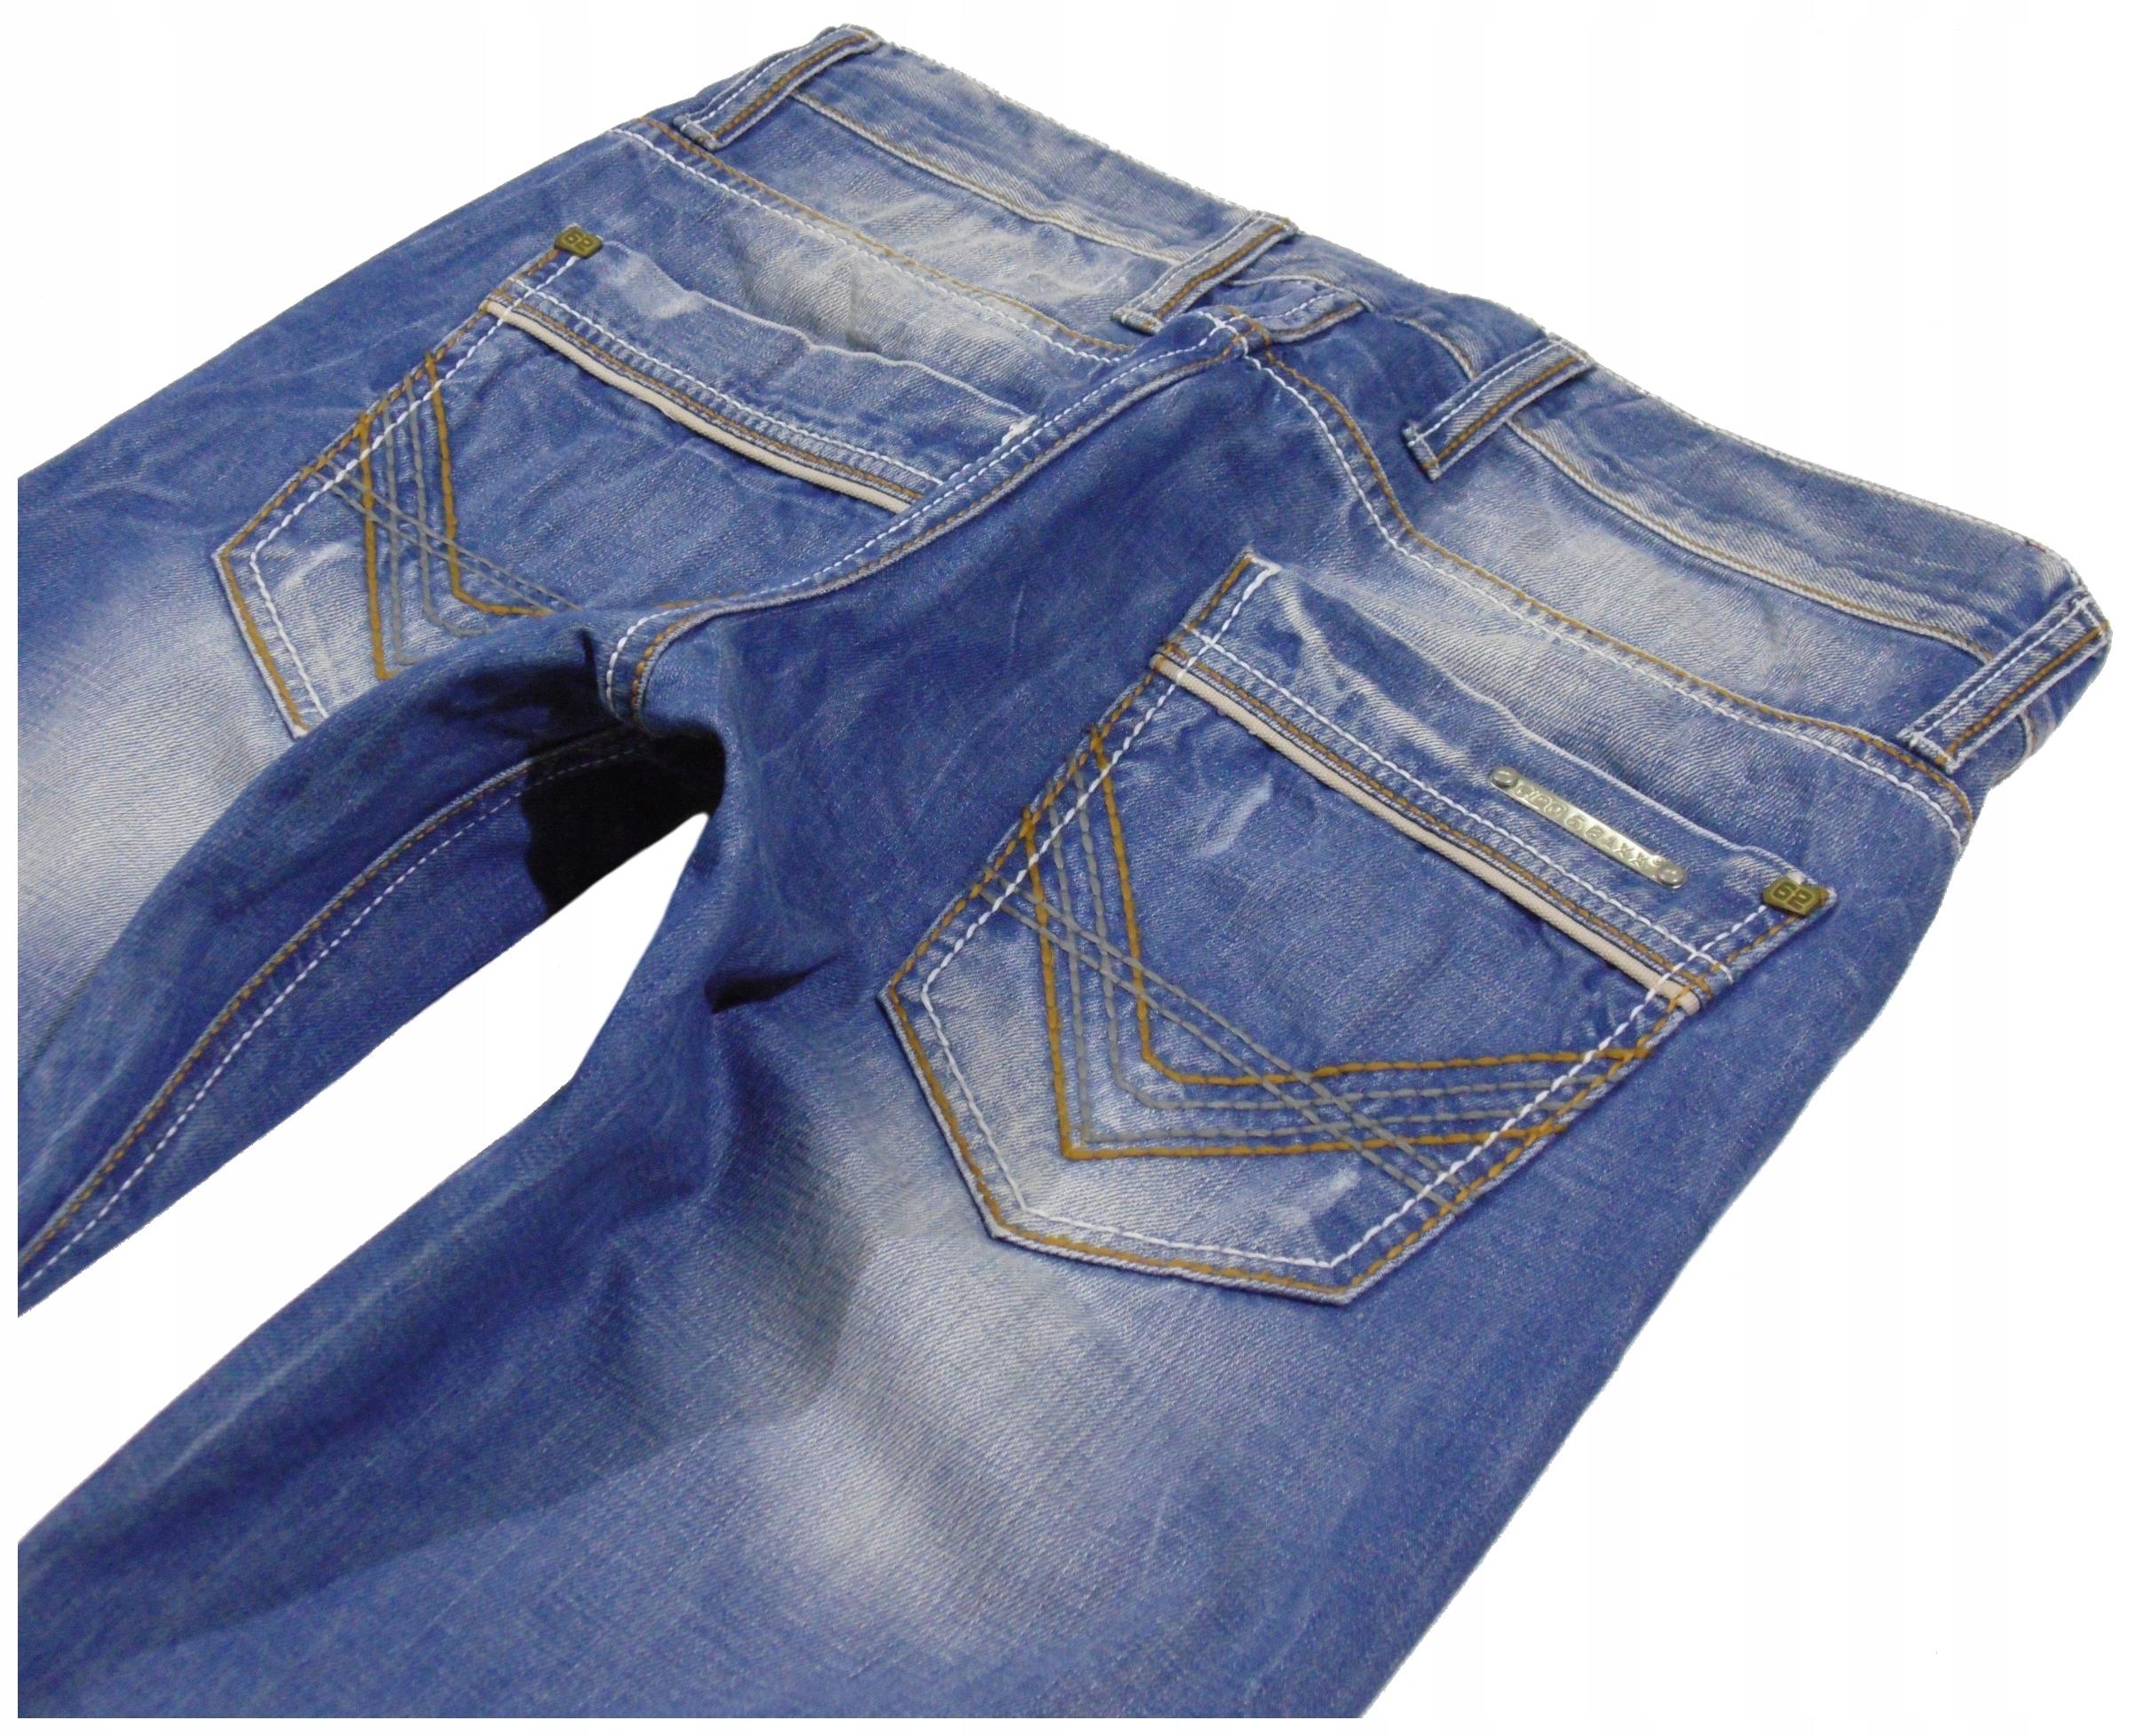 CIPO&BAXX _ Spodnie Jeans _ 32/34 _ Pas 85